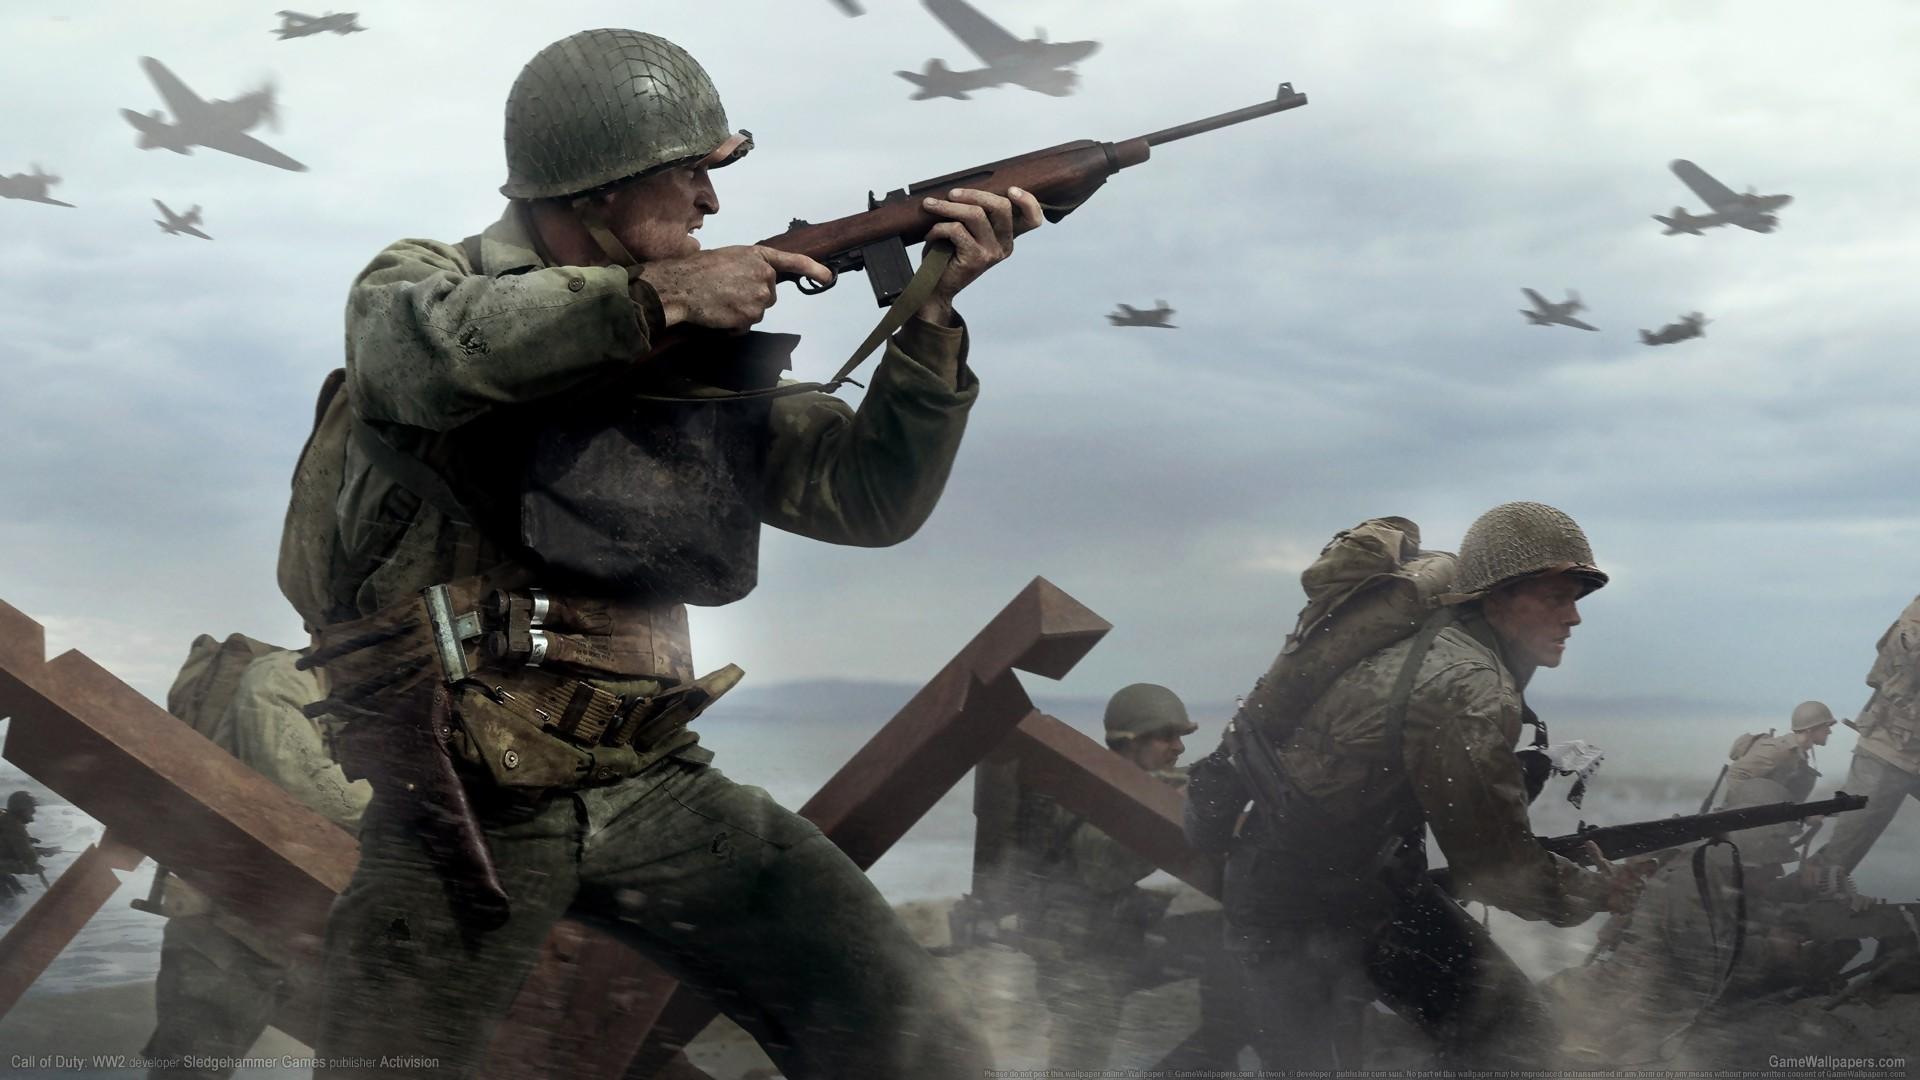 使命召唤14:二战 (Call of Duty: WWII)【新版v1.25.2244937】插图6